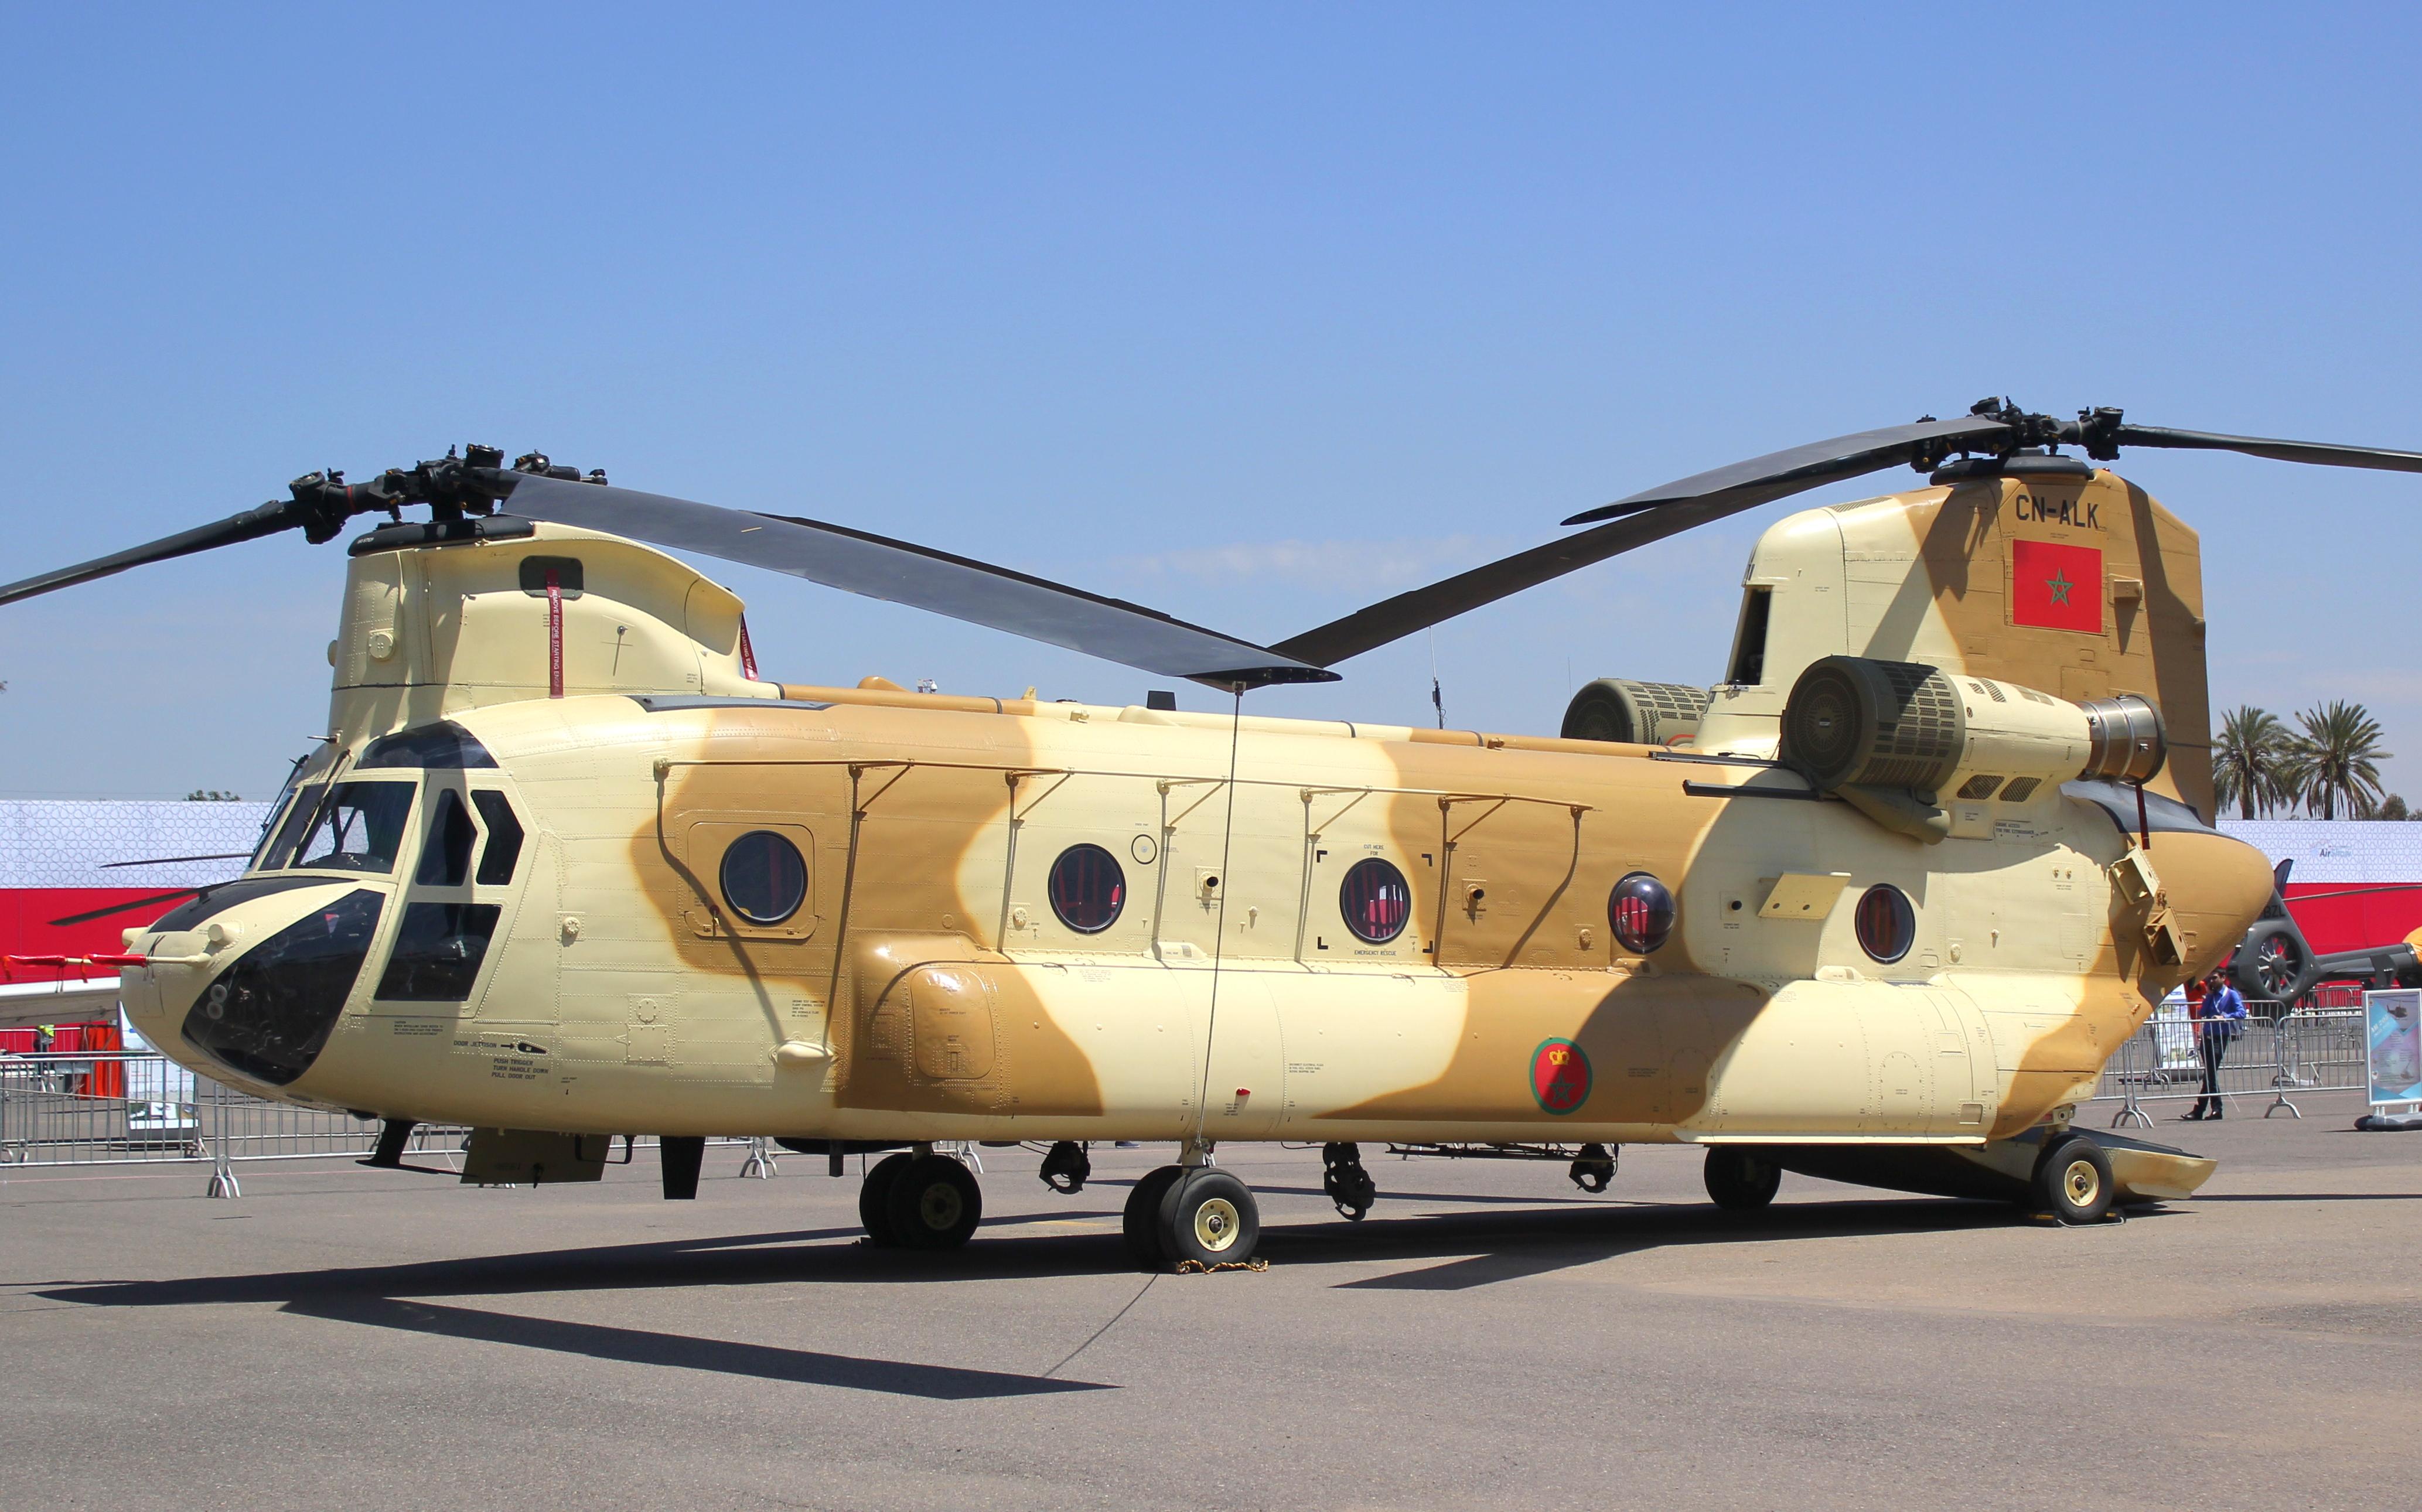 القوات الجوية الملكية المغربية - متجدد - - صفحة 3 26514826990_8a847cf15a_o